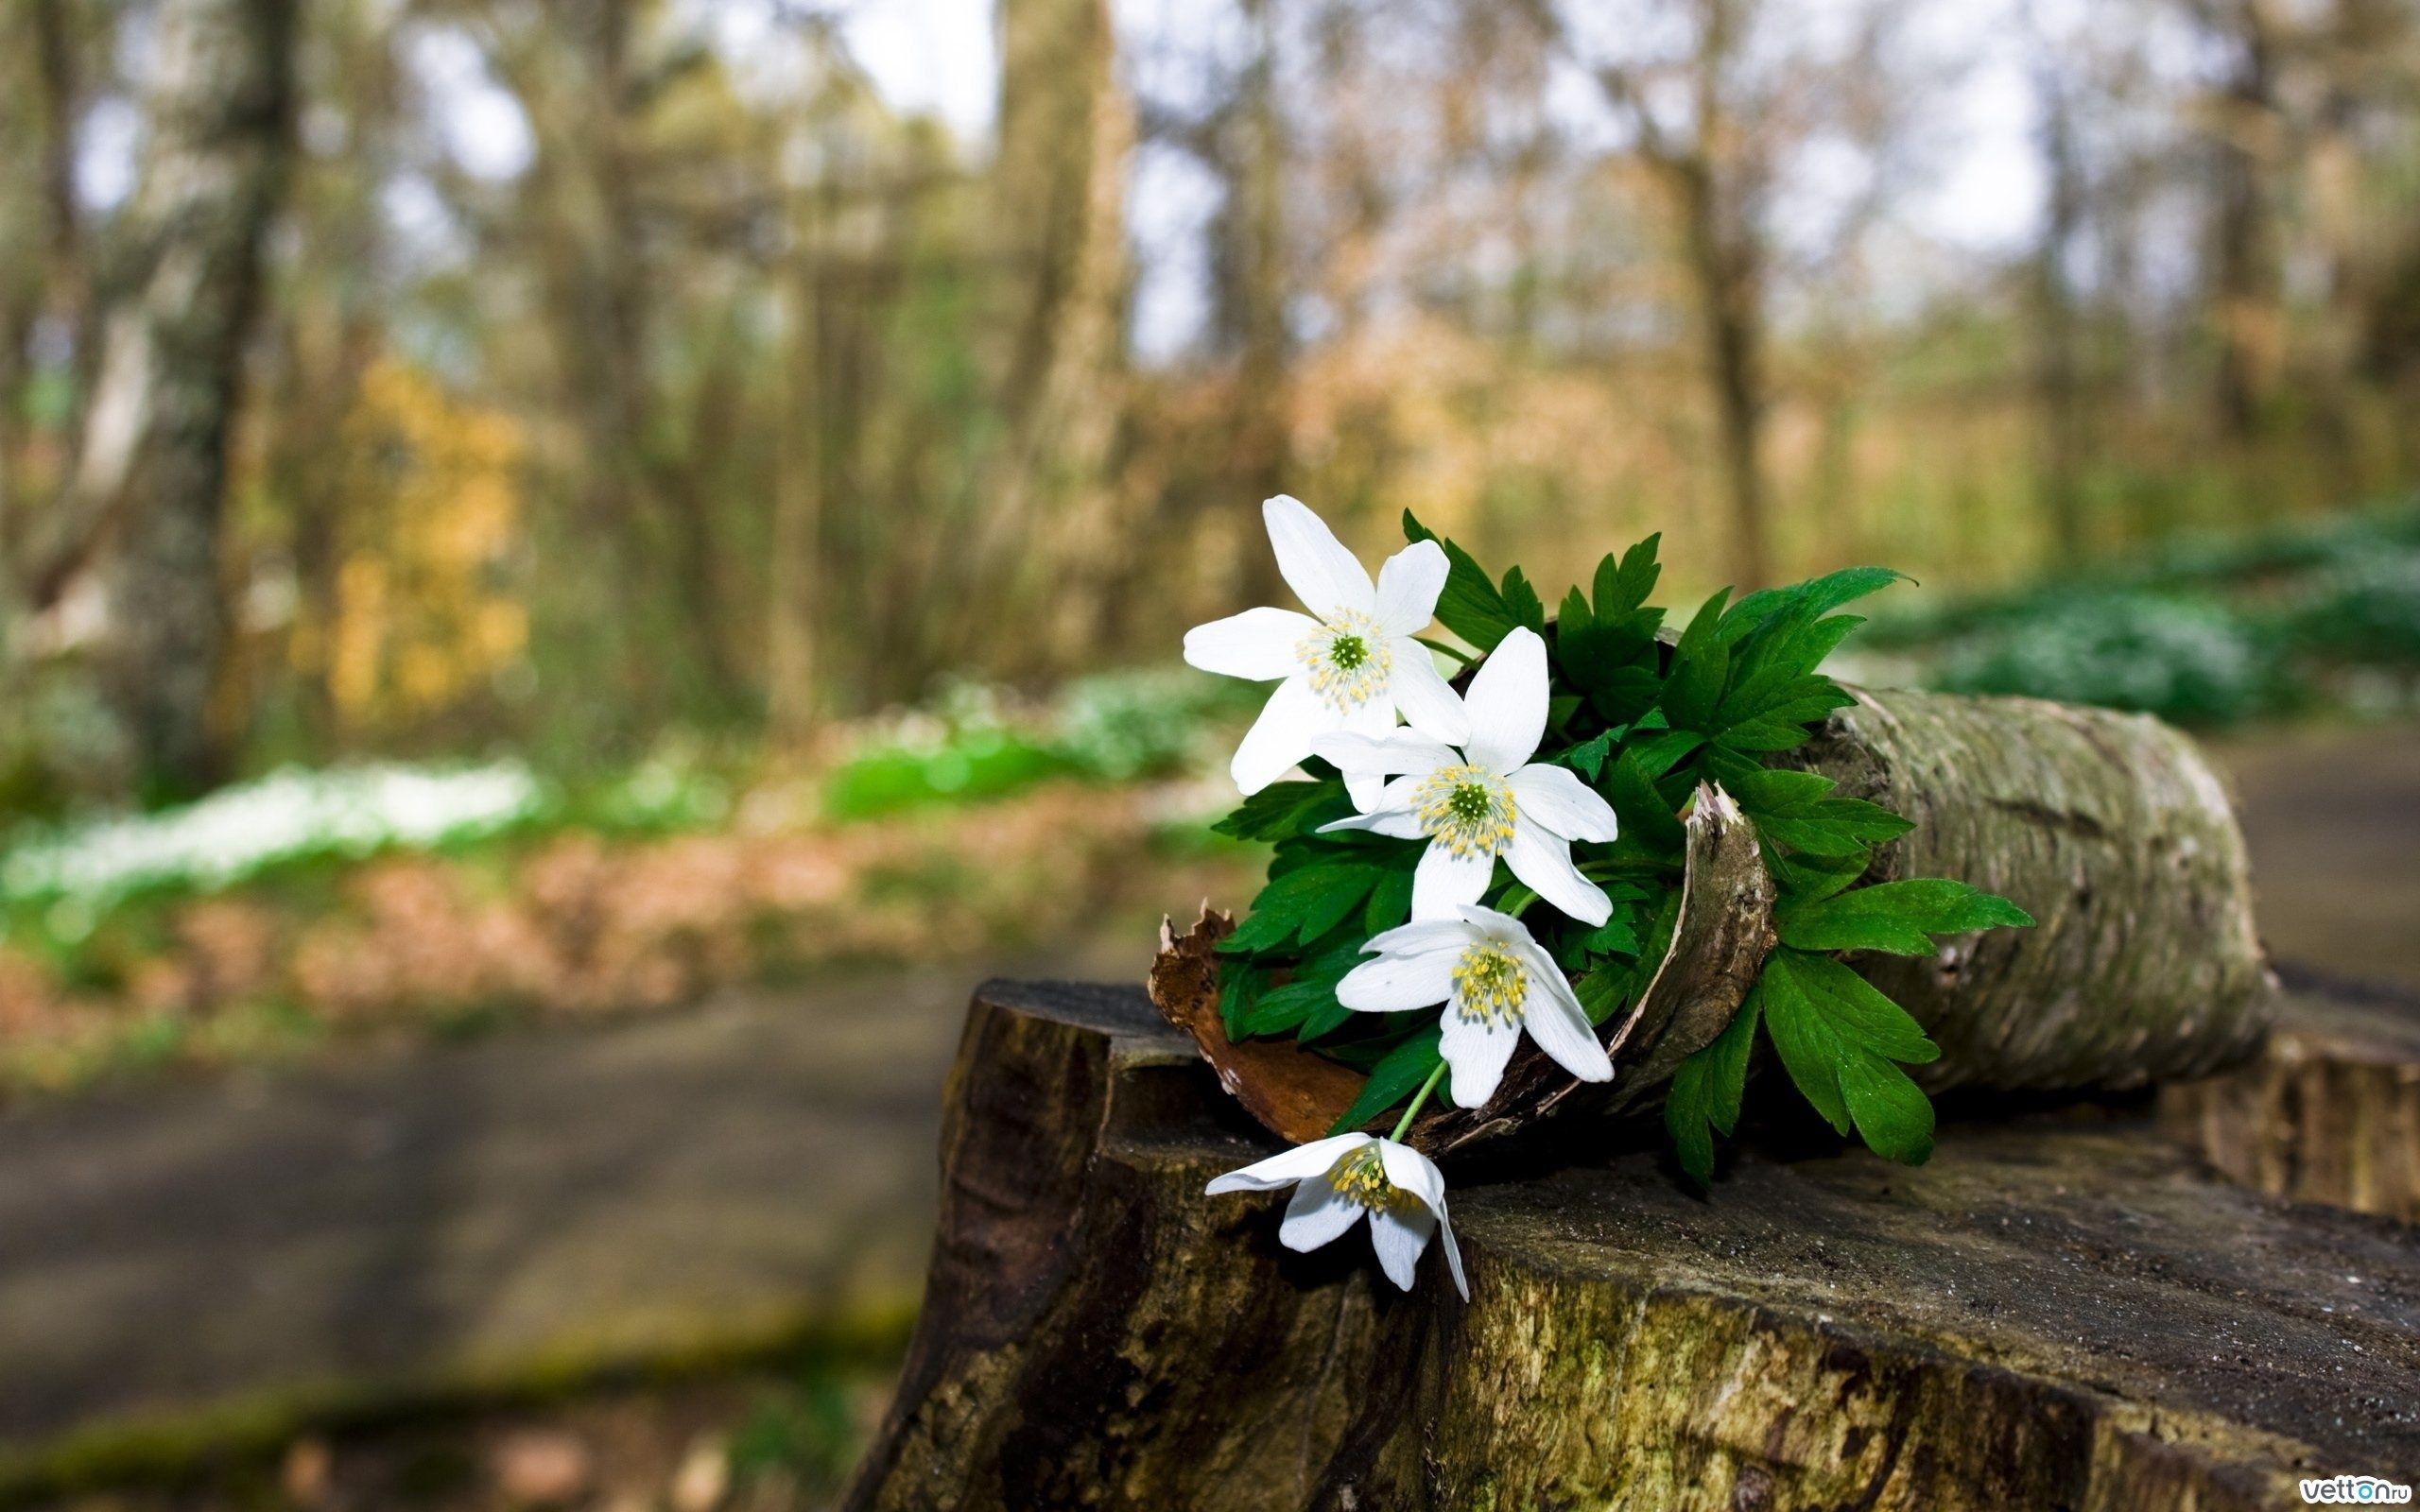 Imagenes De Fondo Flores Para Pantalla Hd 2: Fondos De Flores Silvestres Para Fondo De Pantalla En 4K